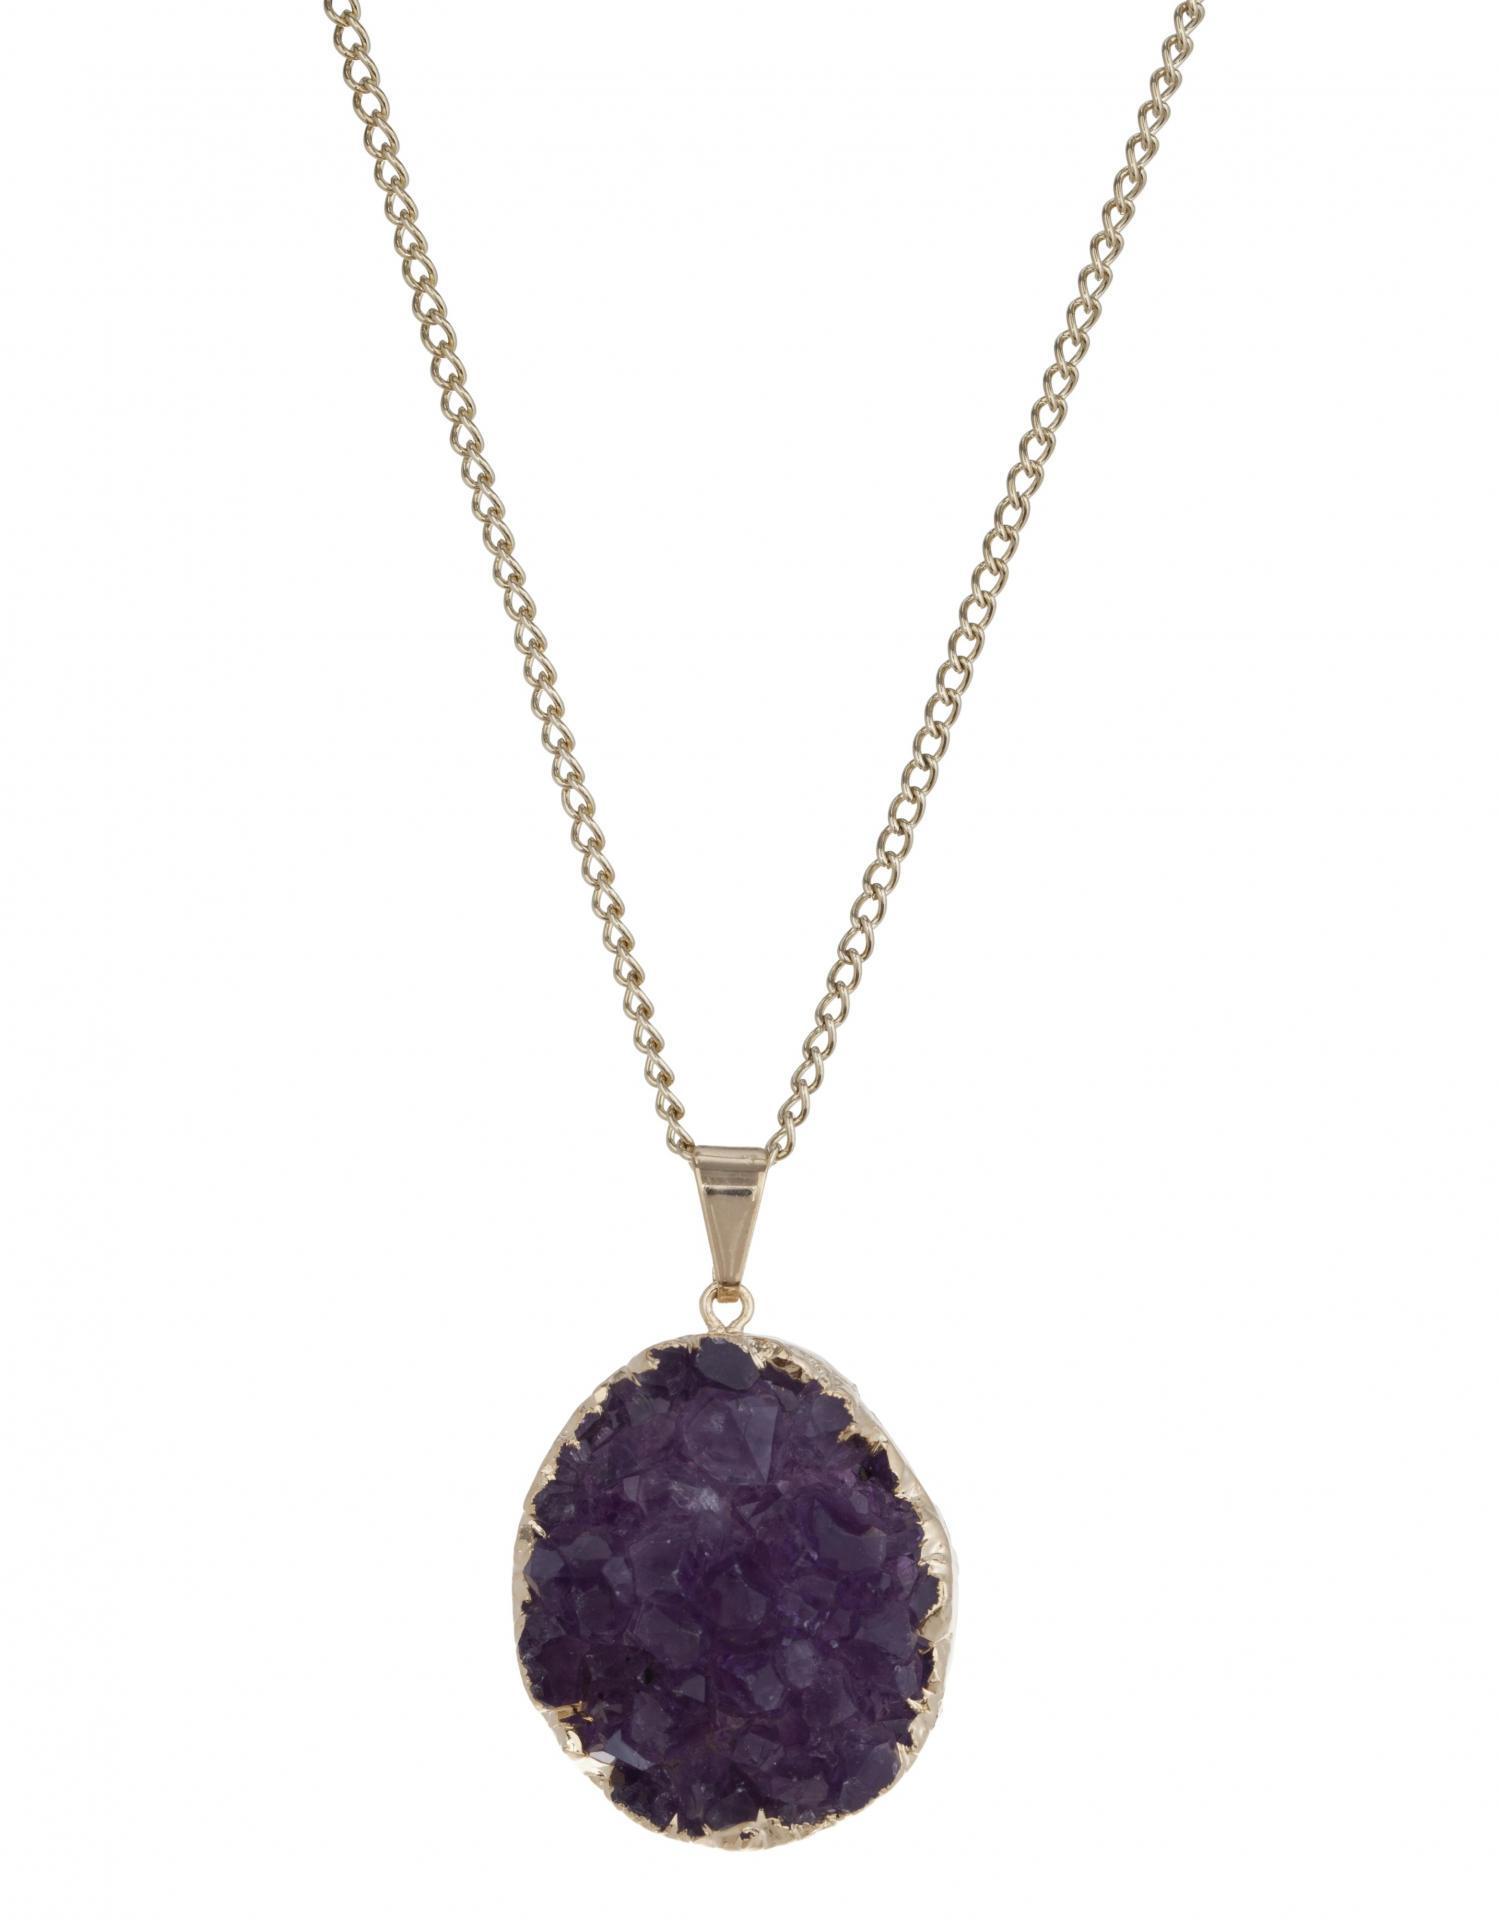 DECADORN Řetízek s přívěskem Rocky Amethyst/Gold, fialová barva, zlatá barva, kov, kámen